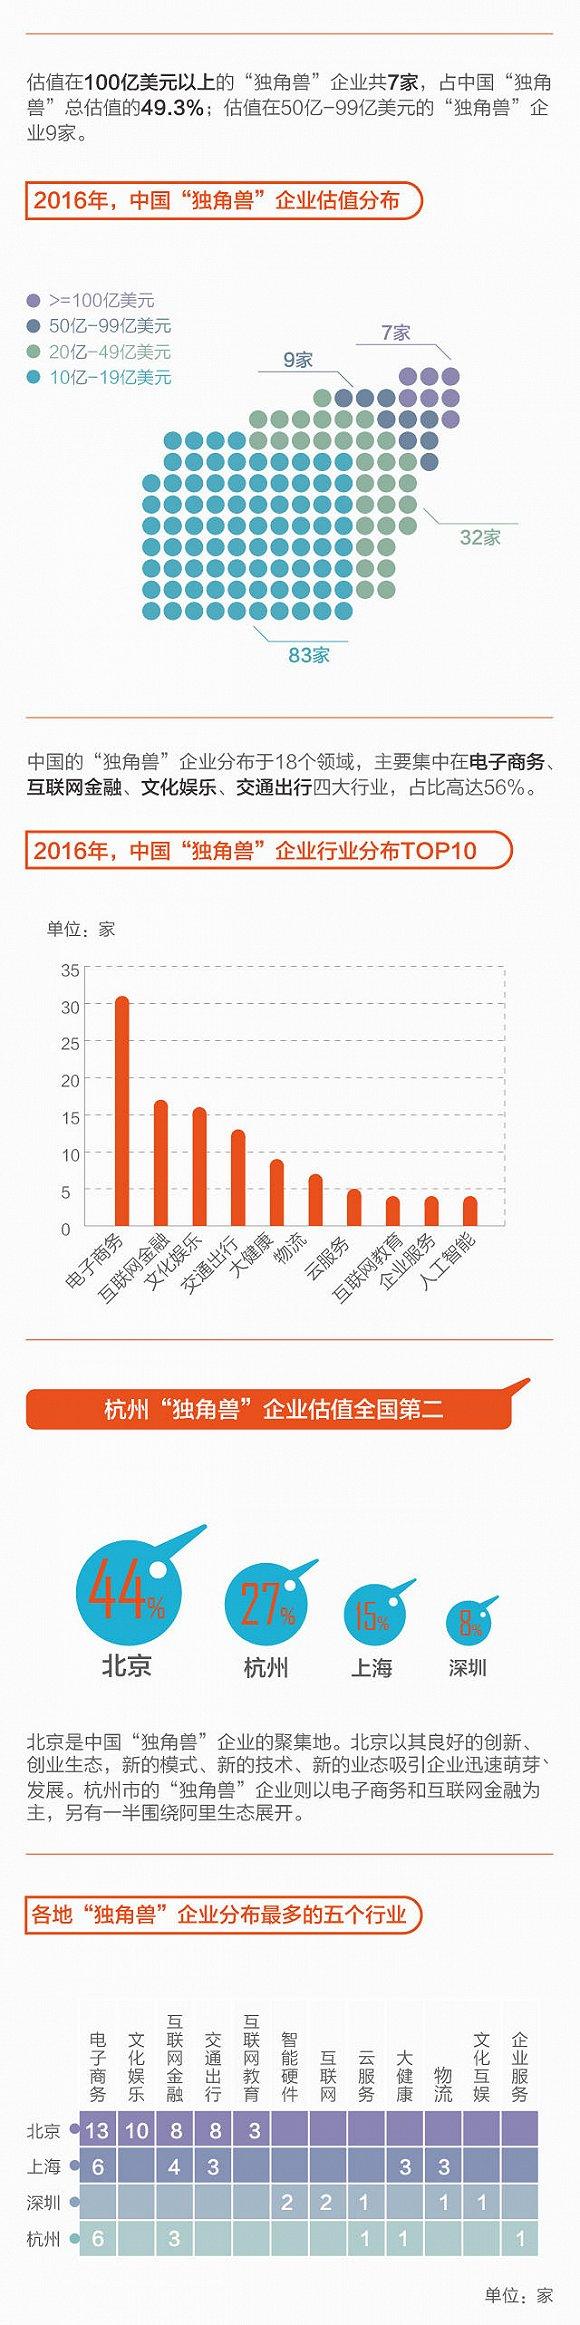 """【信息图】中国131家""""独角兽""""企业"""